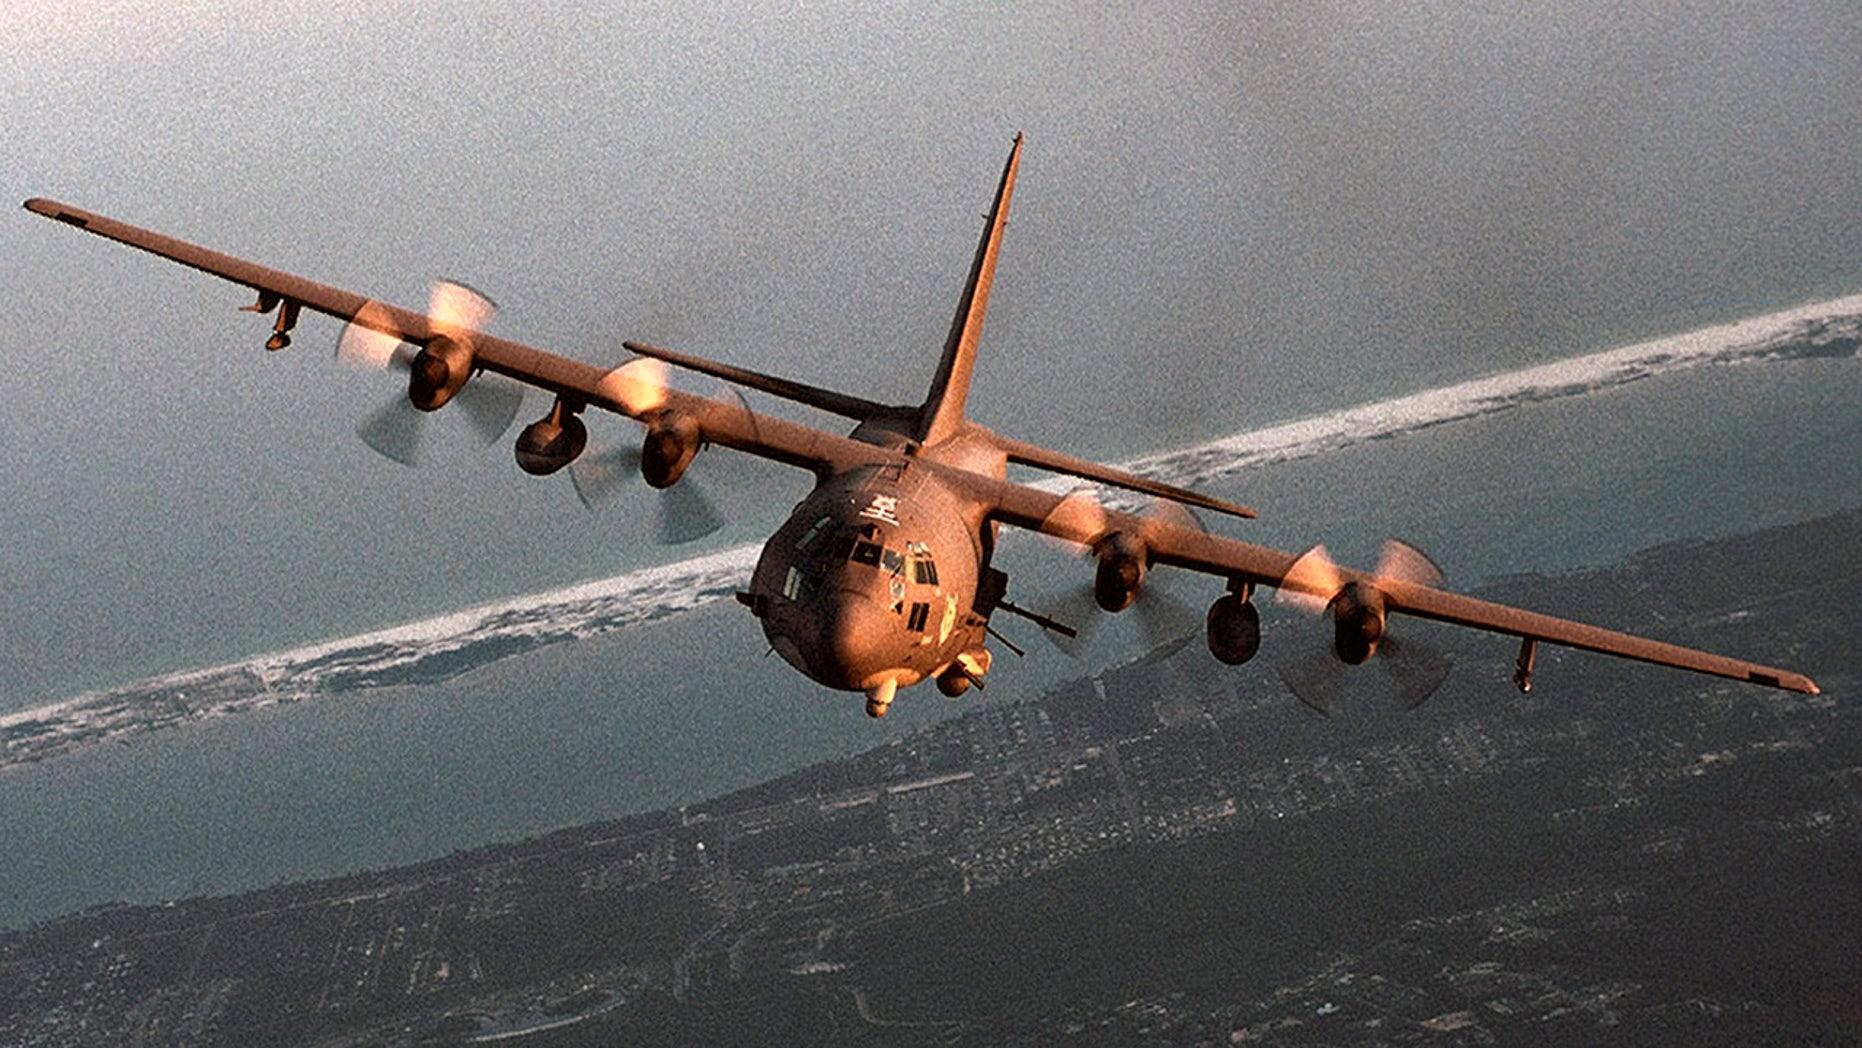 An Air Force A-130 gunship in an undated photo.